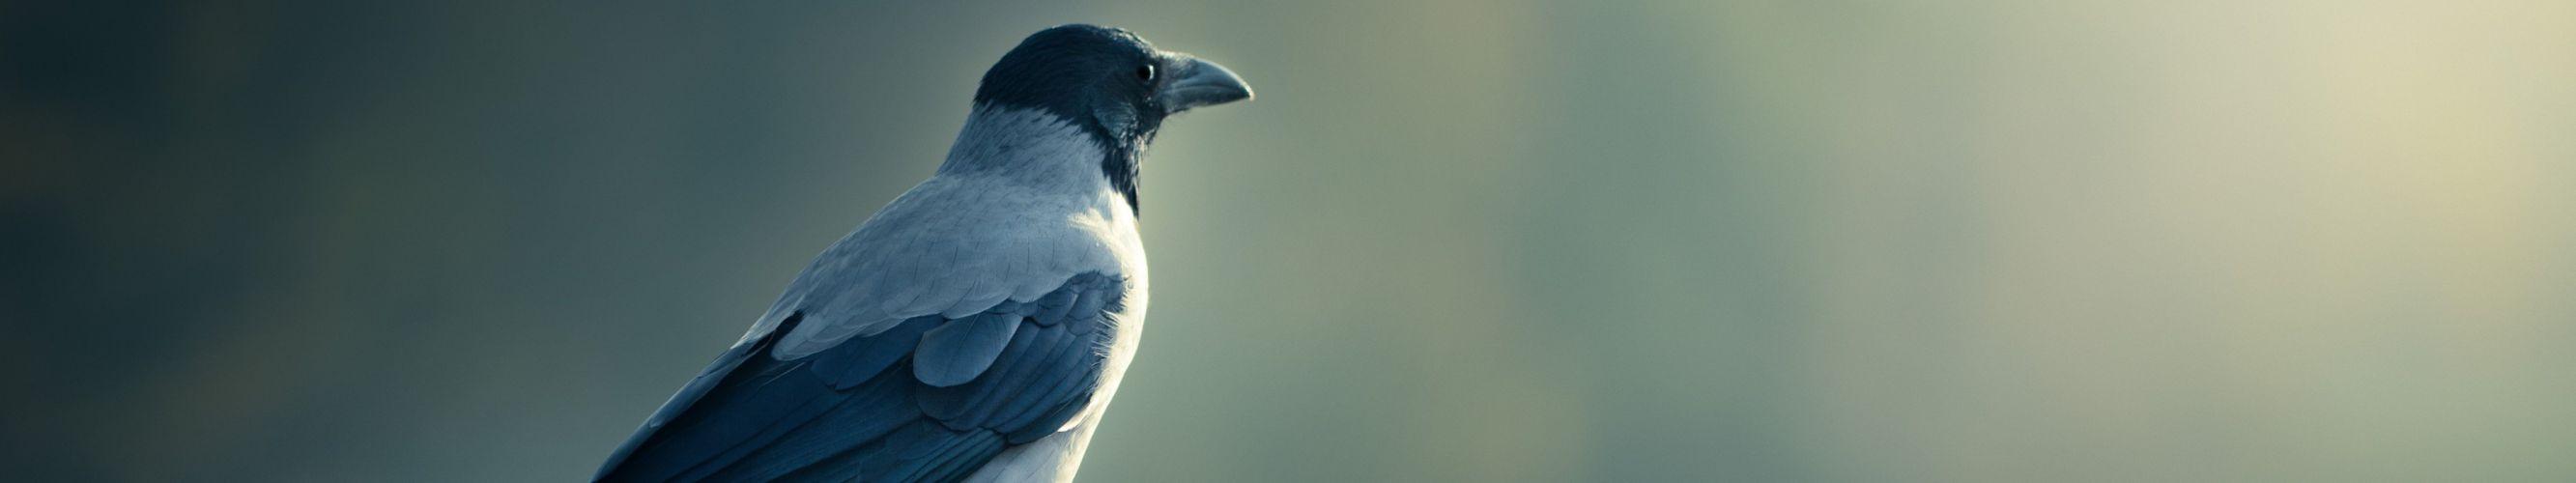 wallpaper triple multi multiple monitor screen crow corbeau corneille wallpaper